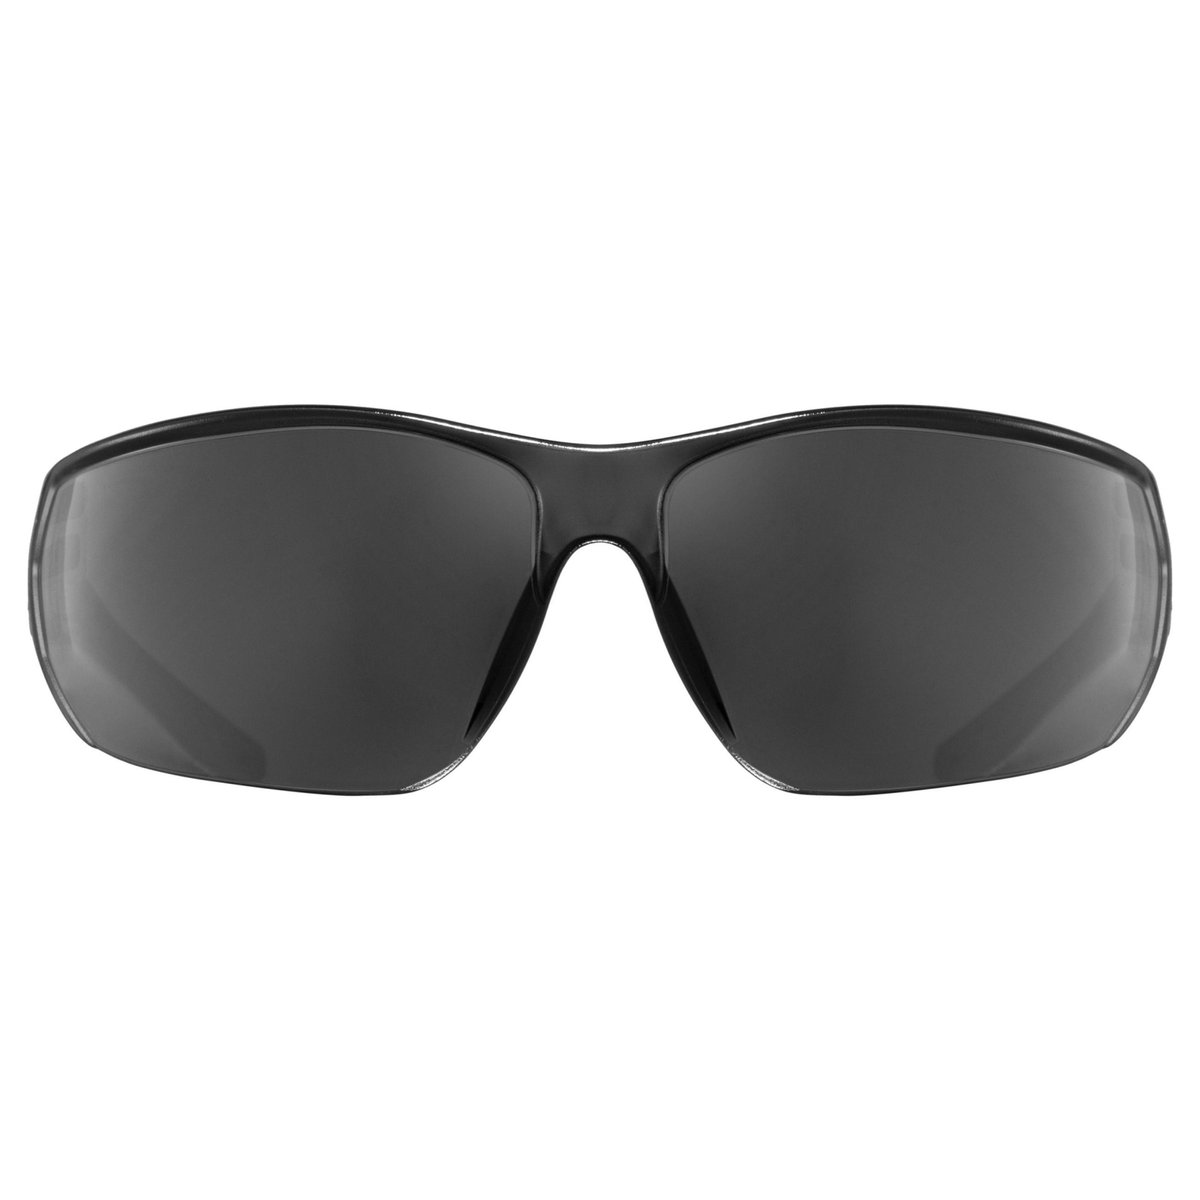 Okulary przeciwsłoneczne Sportstyle 204 Uvex (smoke) sklep